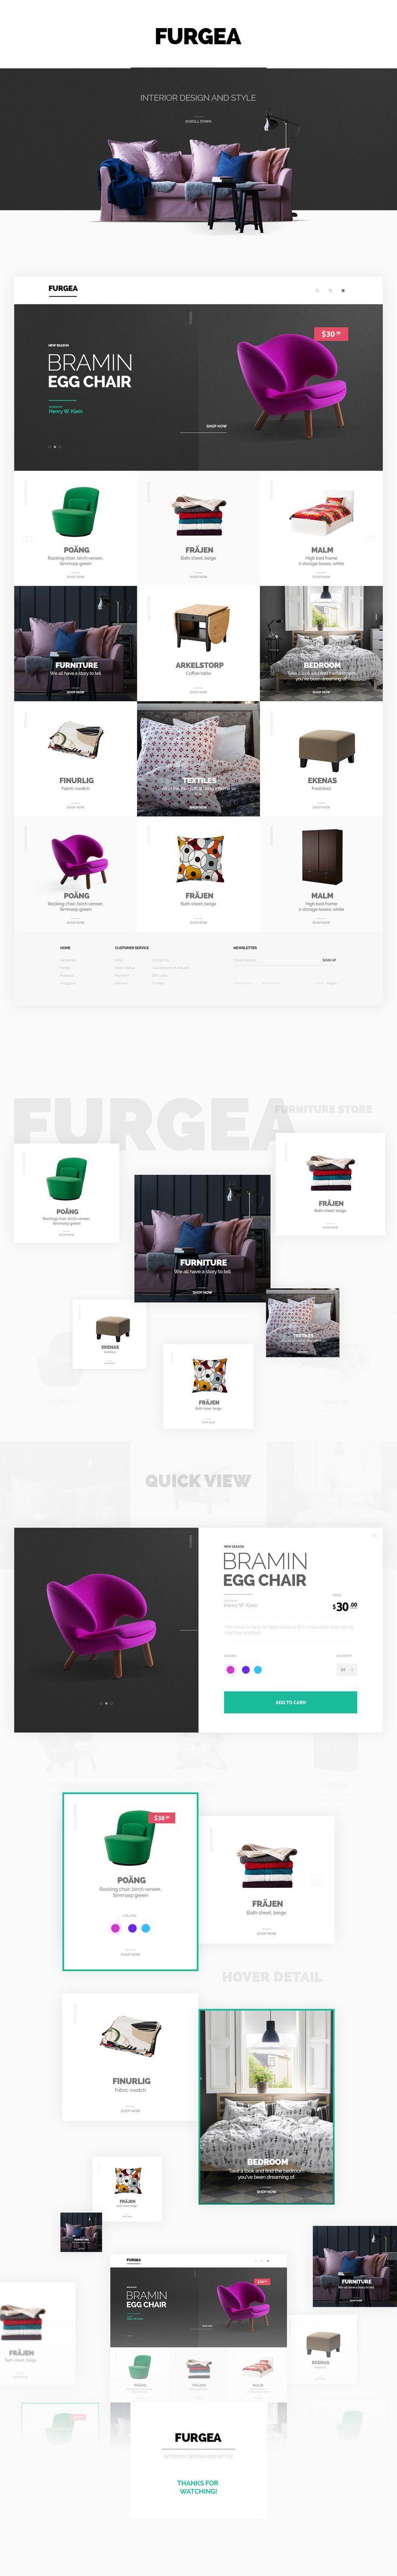 Furgea.Modern Furniture Shop.